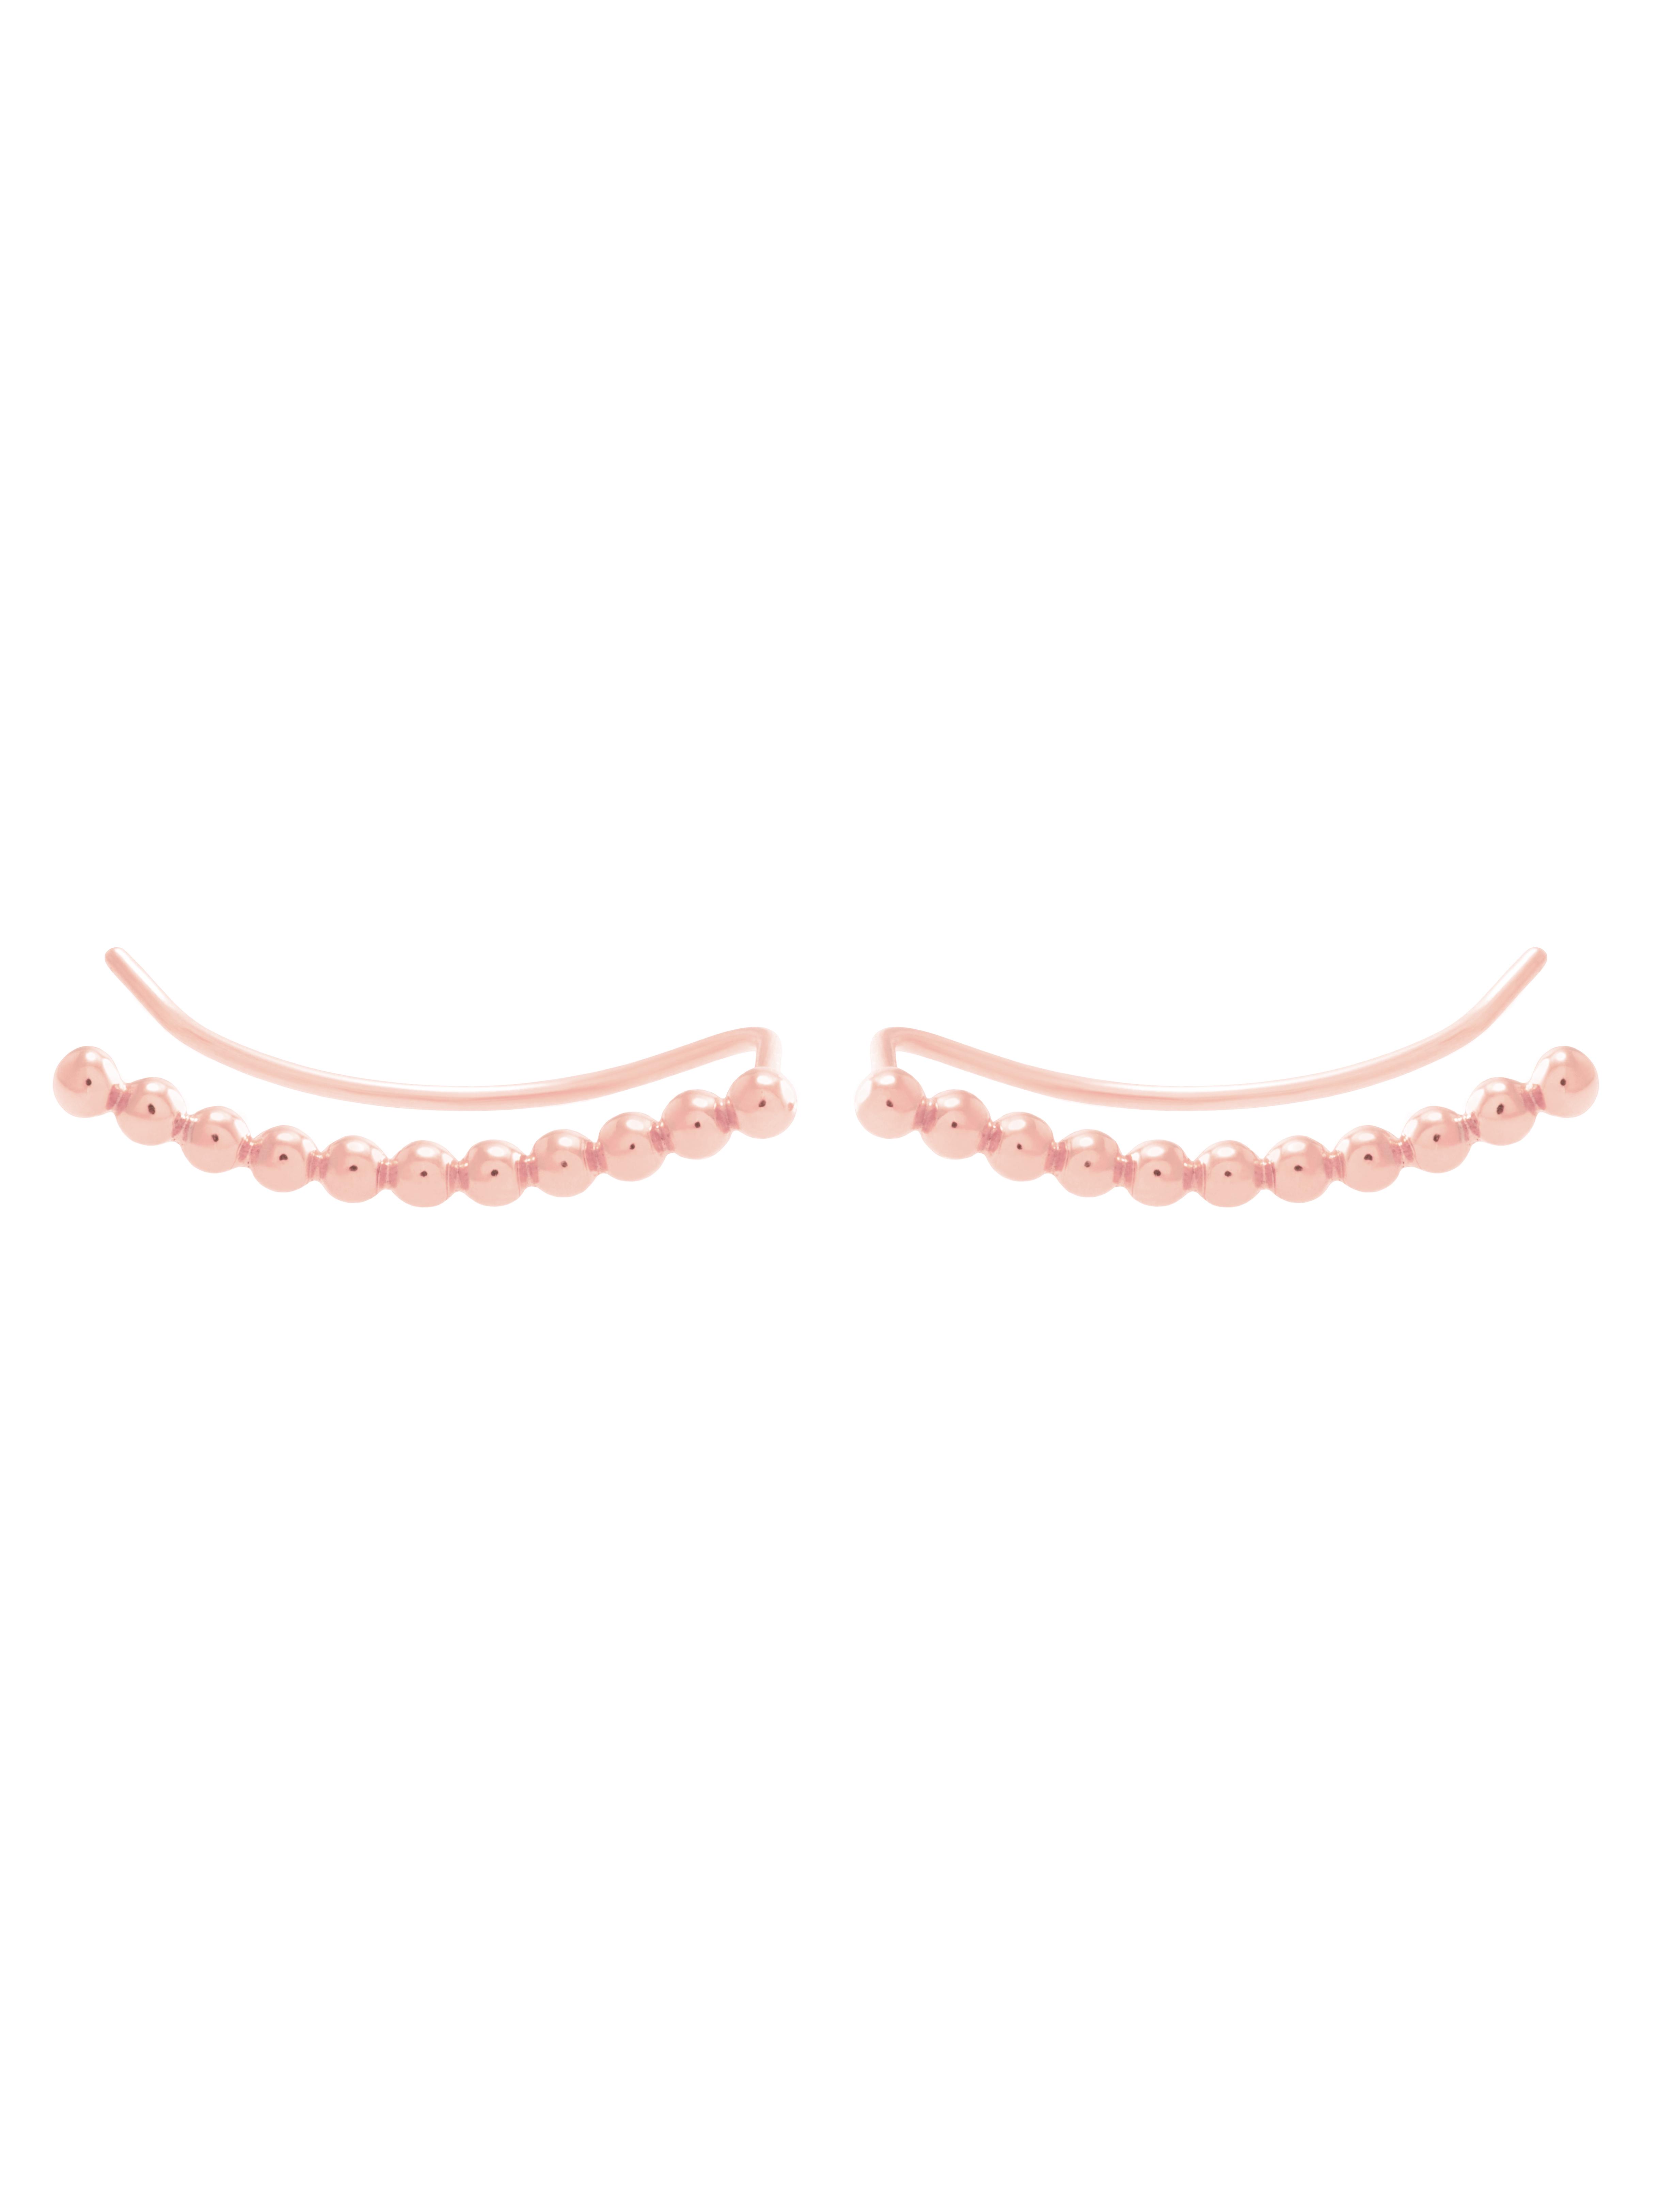 Kolczyki z kulkami nausznica różowe złoto minimalistyczna biżuteria moie